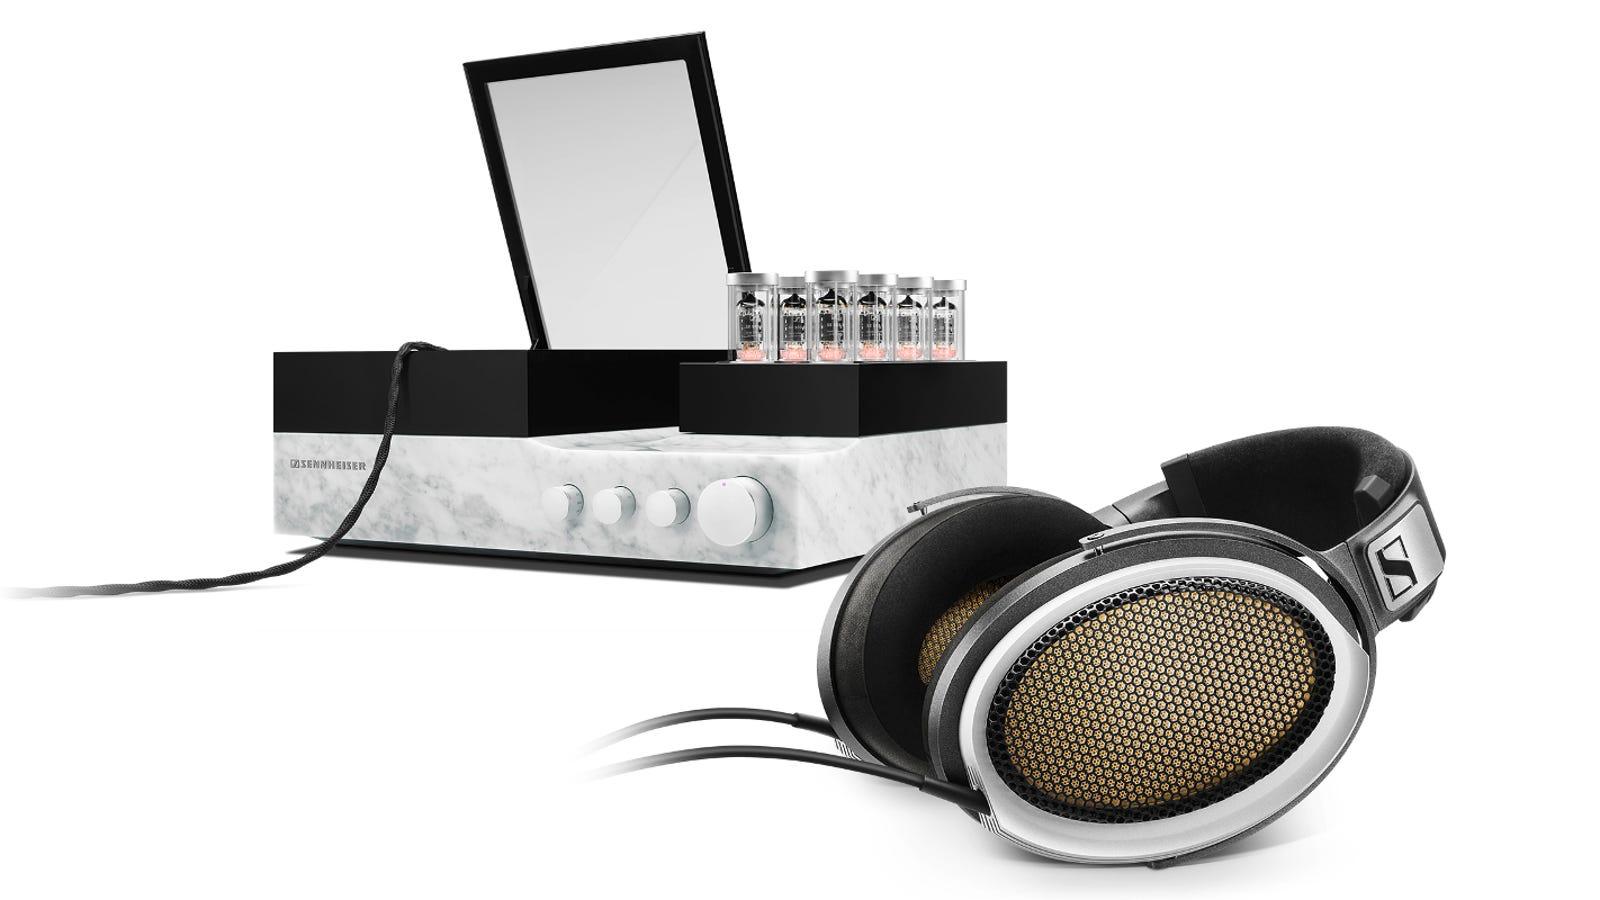 Válvulas de vacío y mármol italiano: los nuevos auriculares de Sennheiser cuestan $55.000